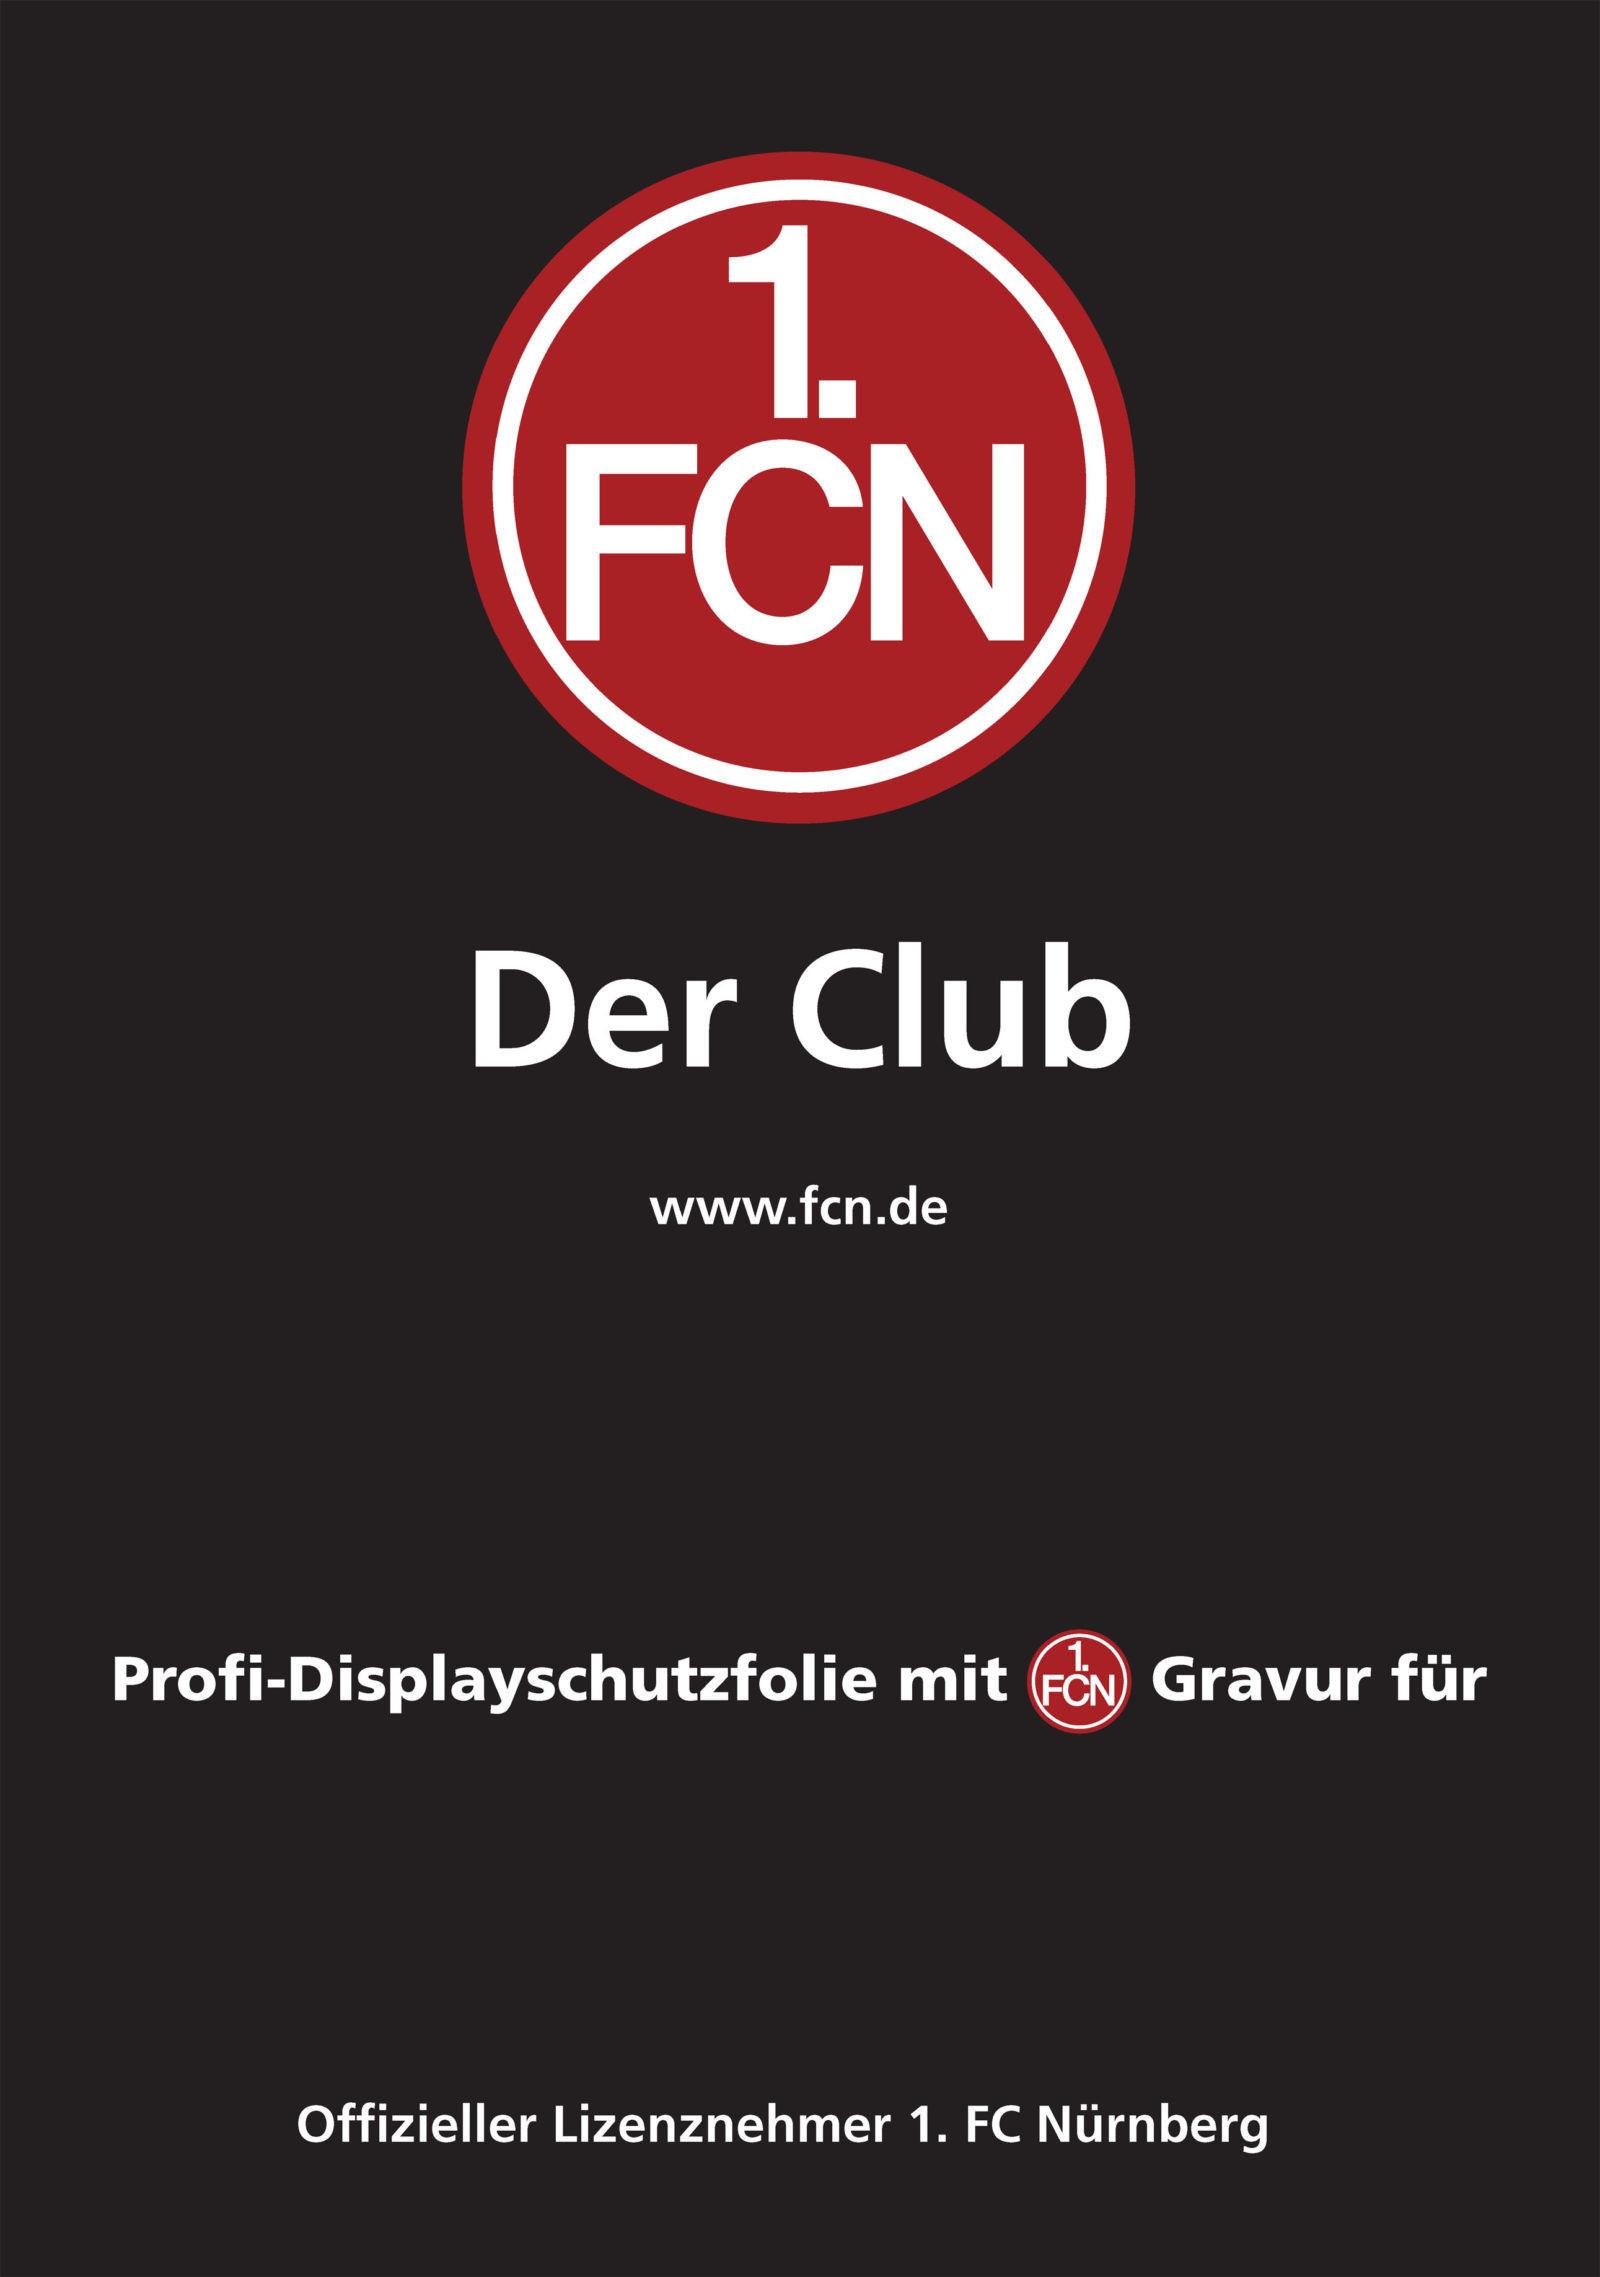 Verpackung 1. FC Nürnberg